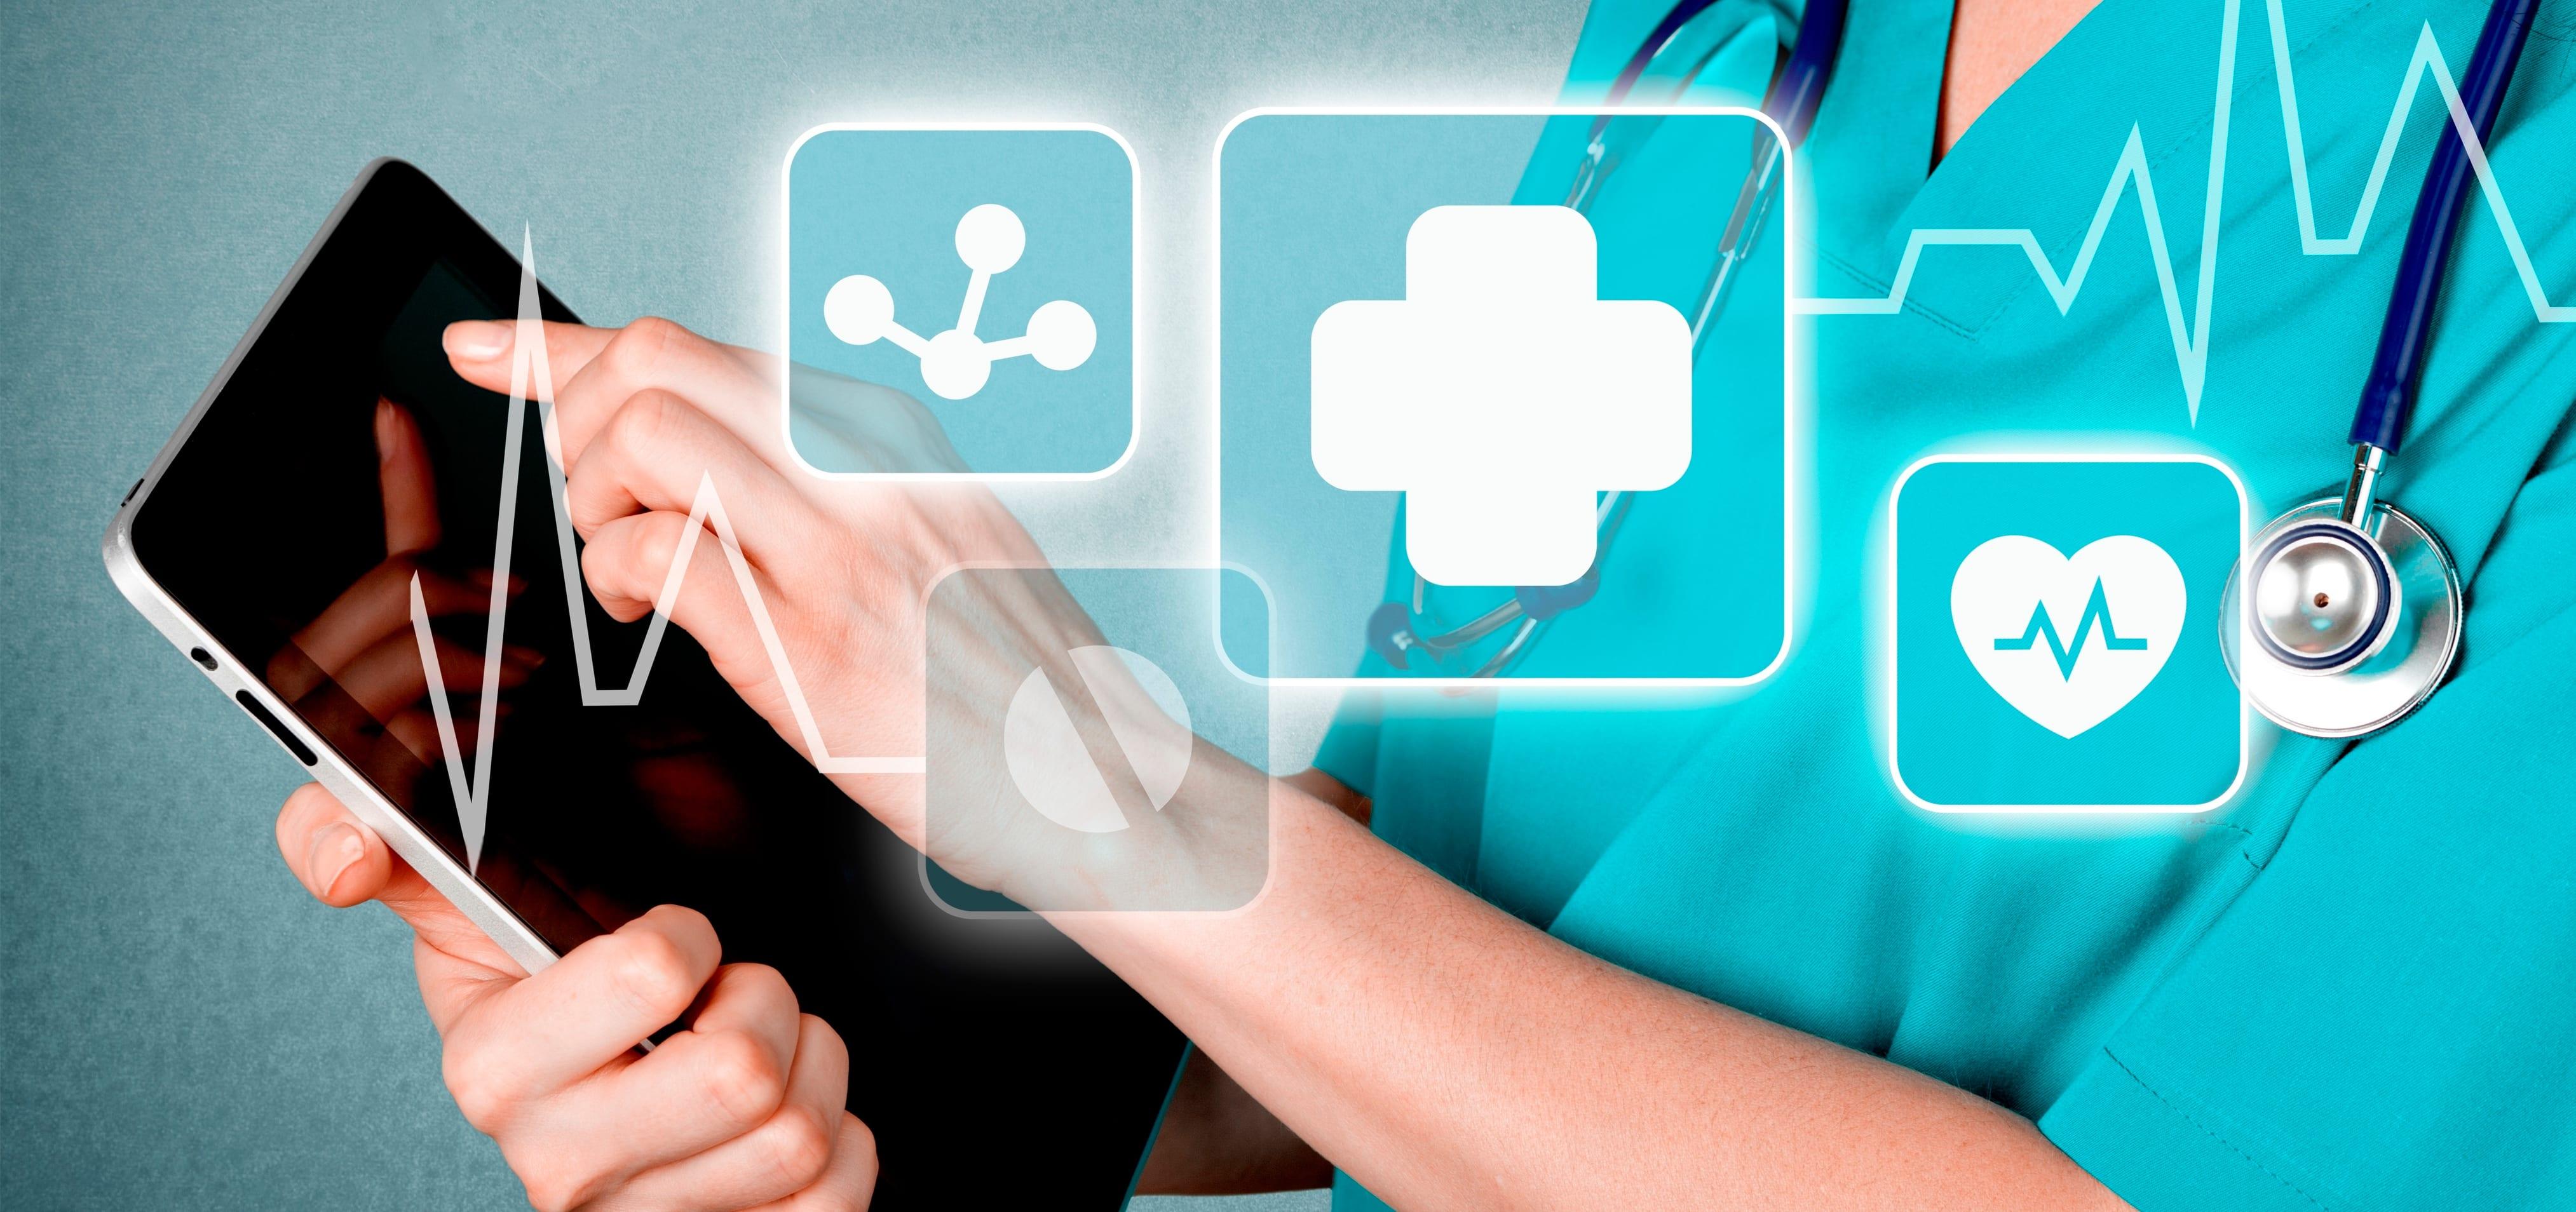 """Agentura ENISA hledá """"bezpečnostního poradce"""" pro oblast e-Healthcare"""